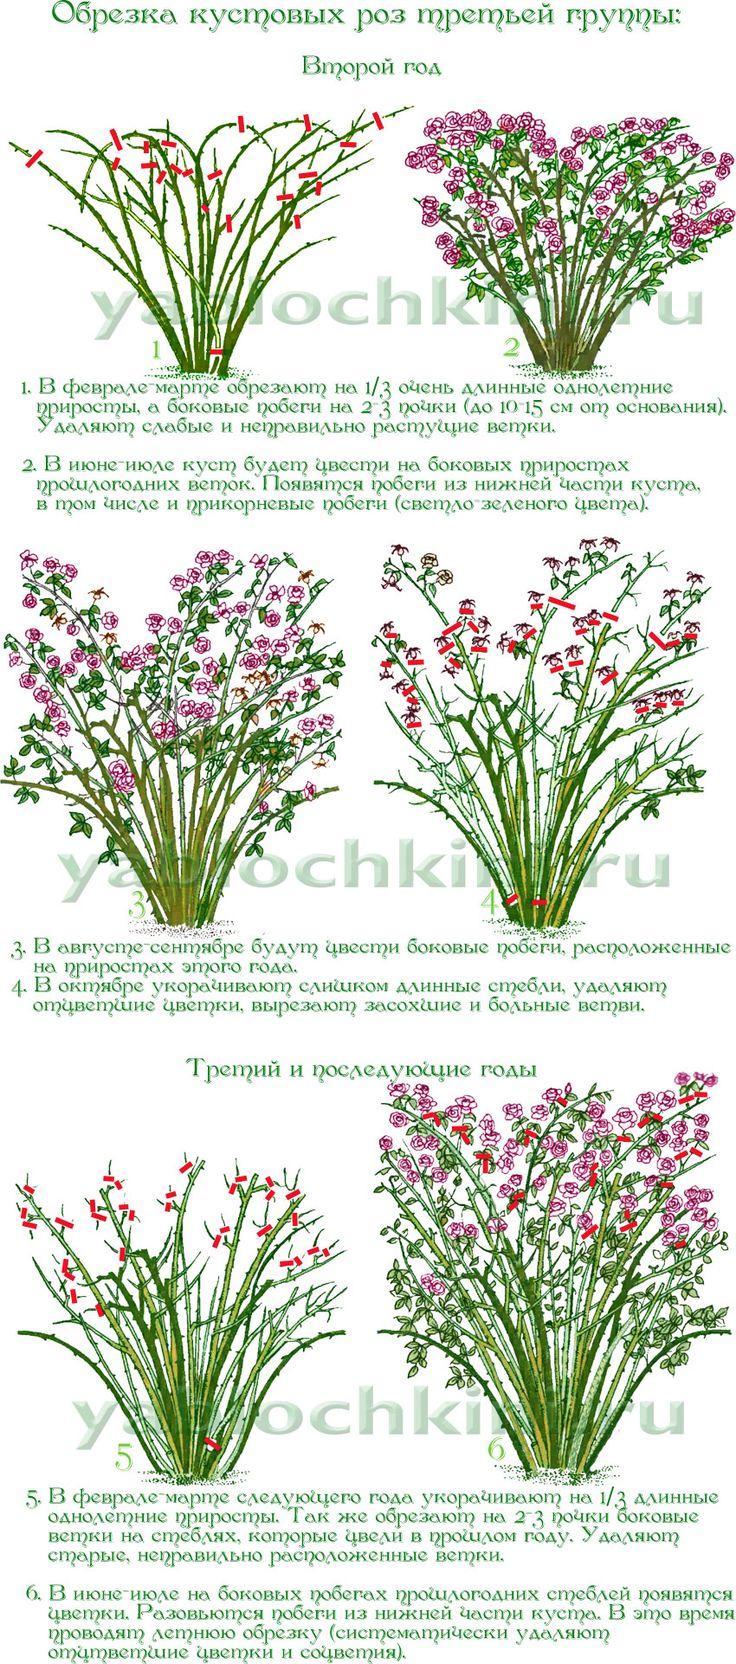 обрезка-кустовых-роз-третьей-группы